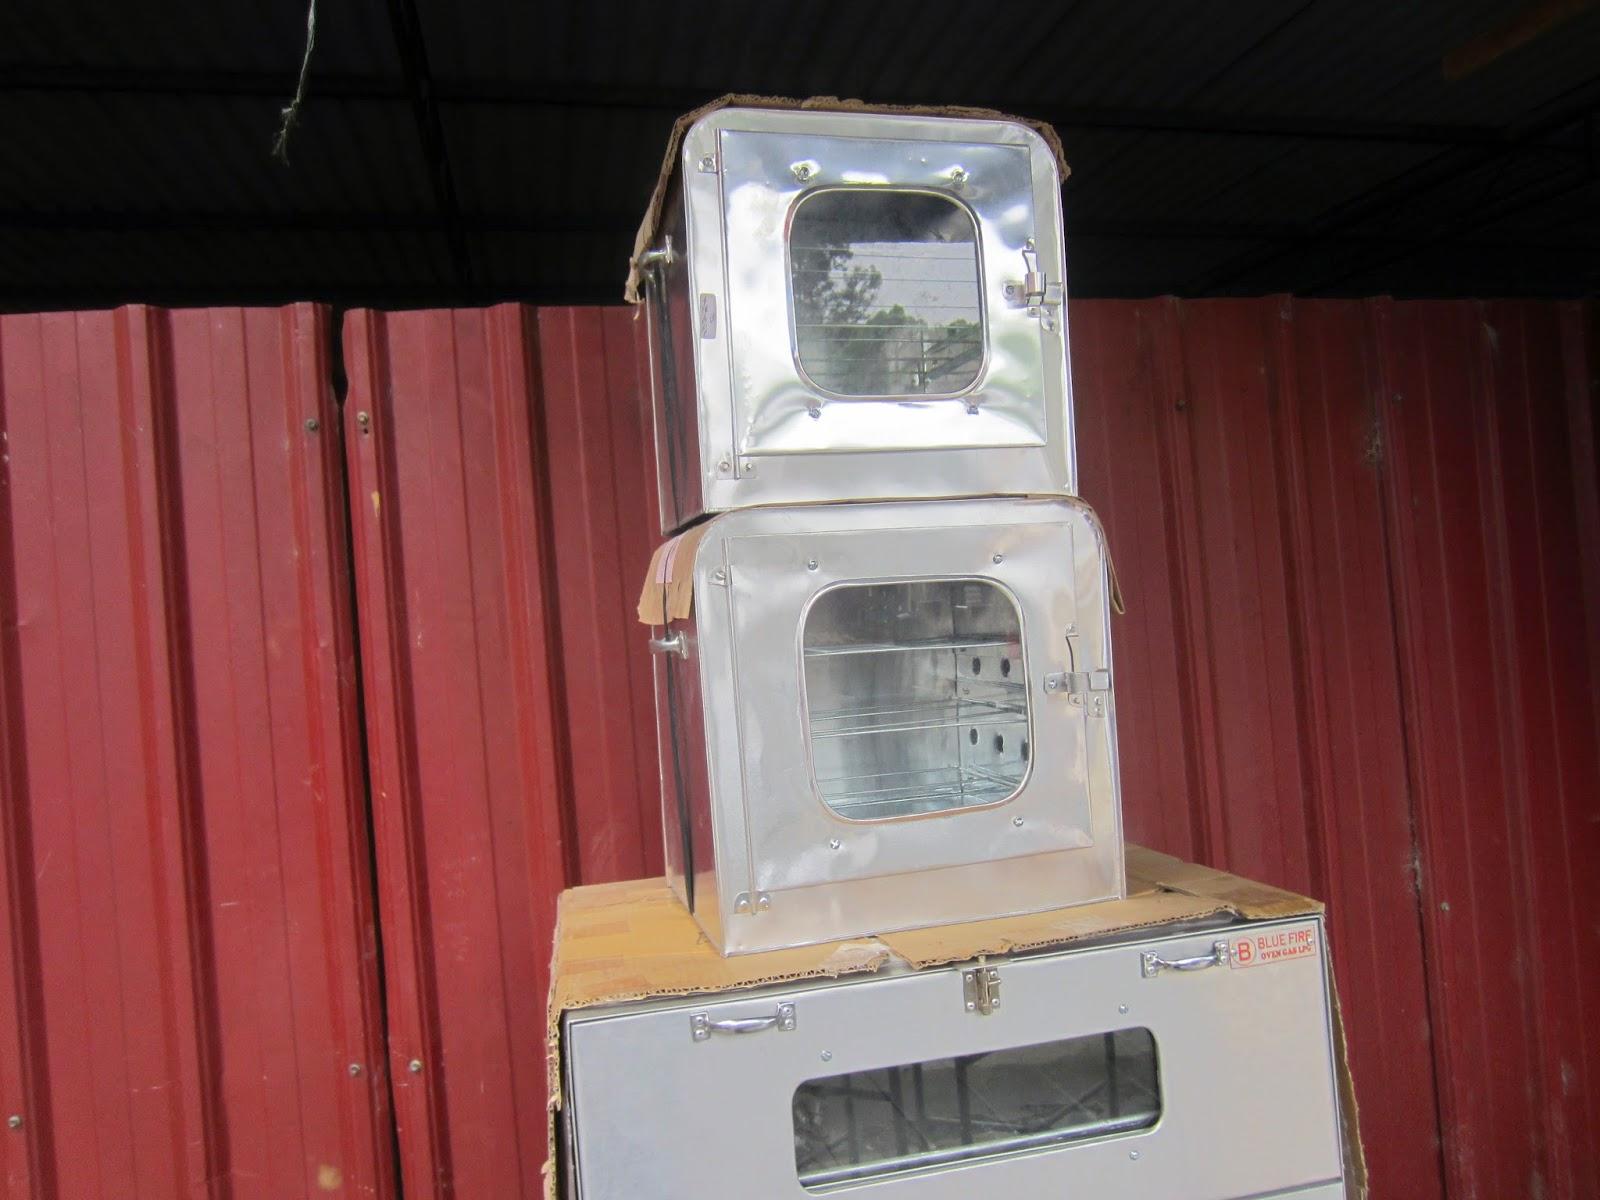 Catatan Monie Jalan Di Serikin Apa2hal Korang Tengok Dulu Gambar Oven Ni Hanya Letak Kt Atas Dapur Gas